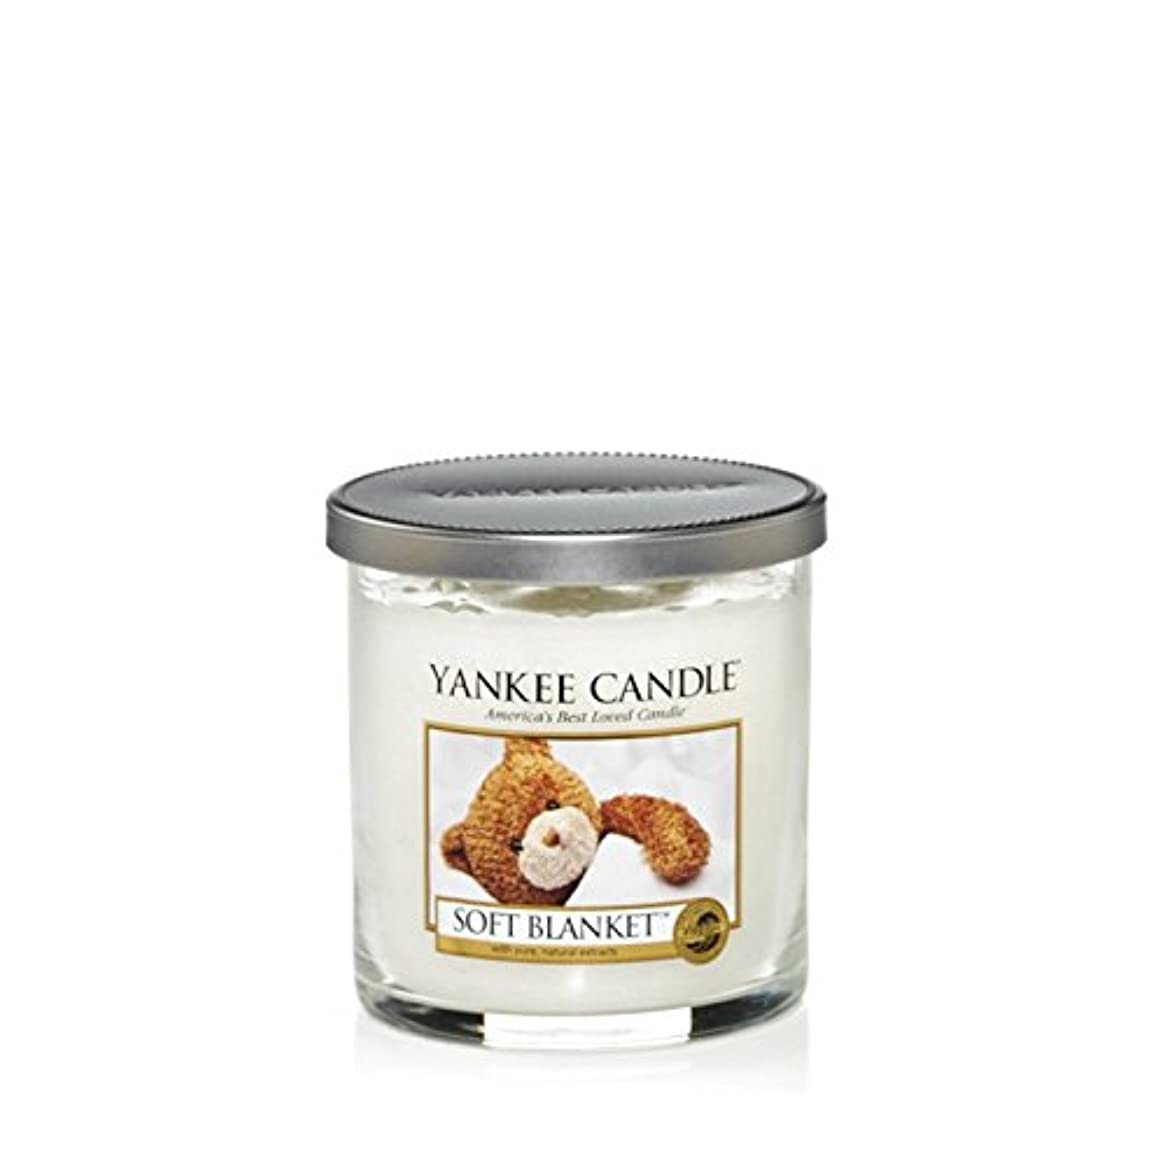 底モート理解するYankee Candles Small Pillar Candle - Soft Blanket (Pack of 2) - ヤンキーキャンドルの小さな柱キャンドル - ソフト毛布 (x2) [並行輸入品]